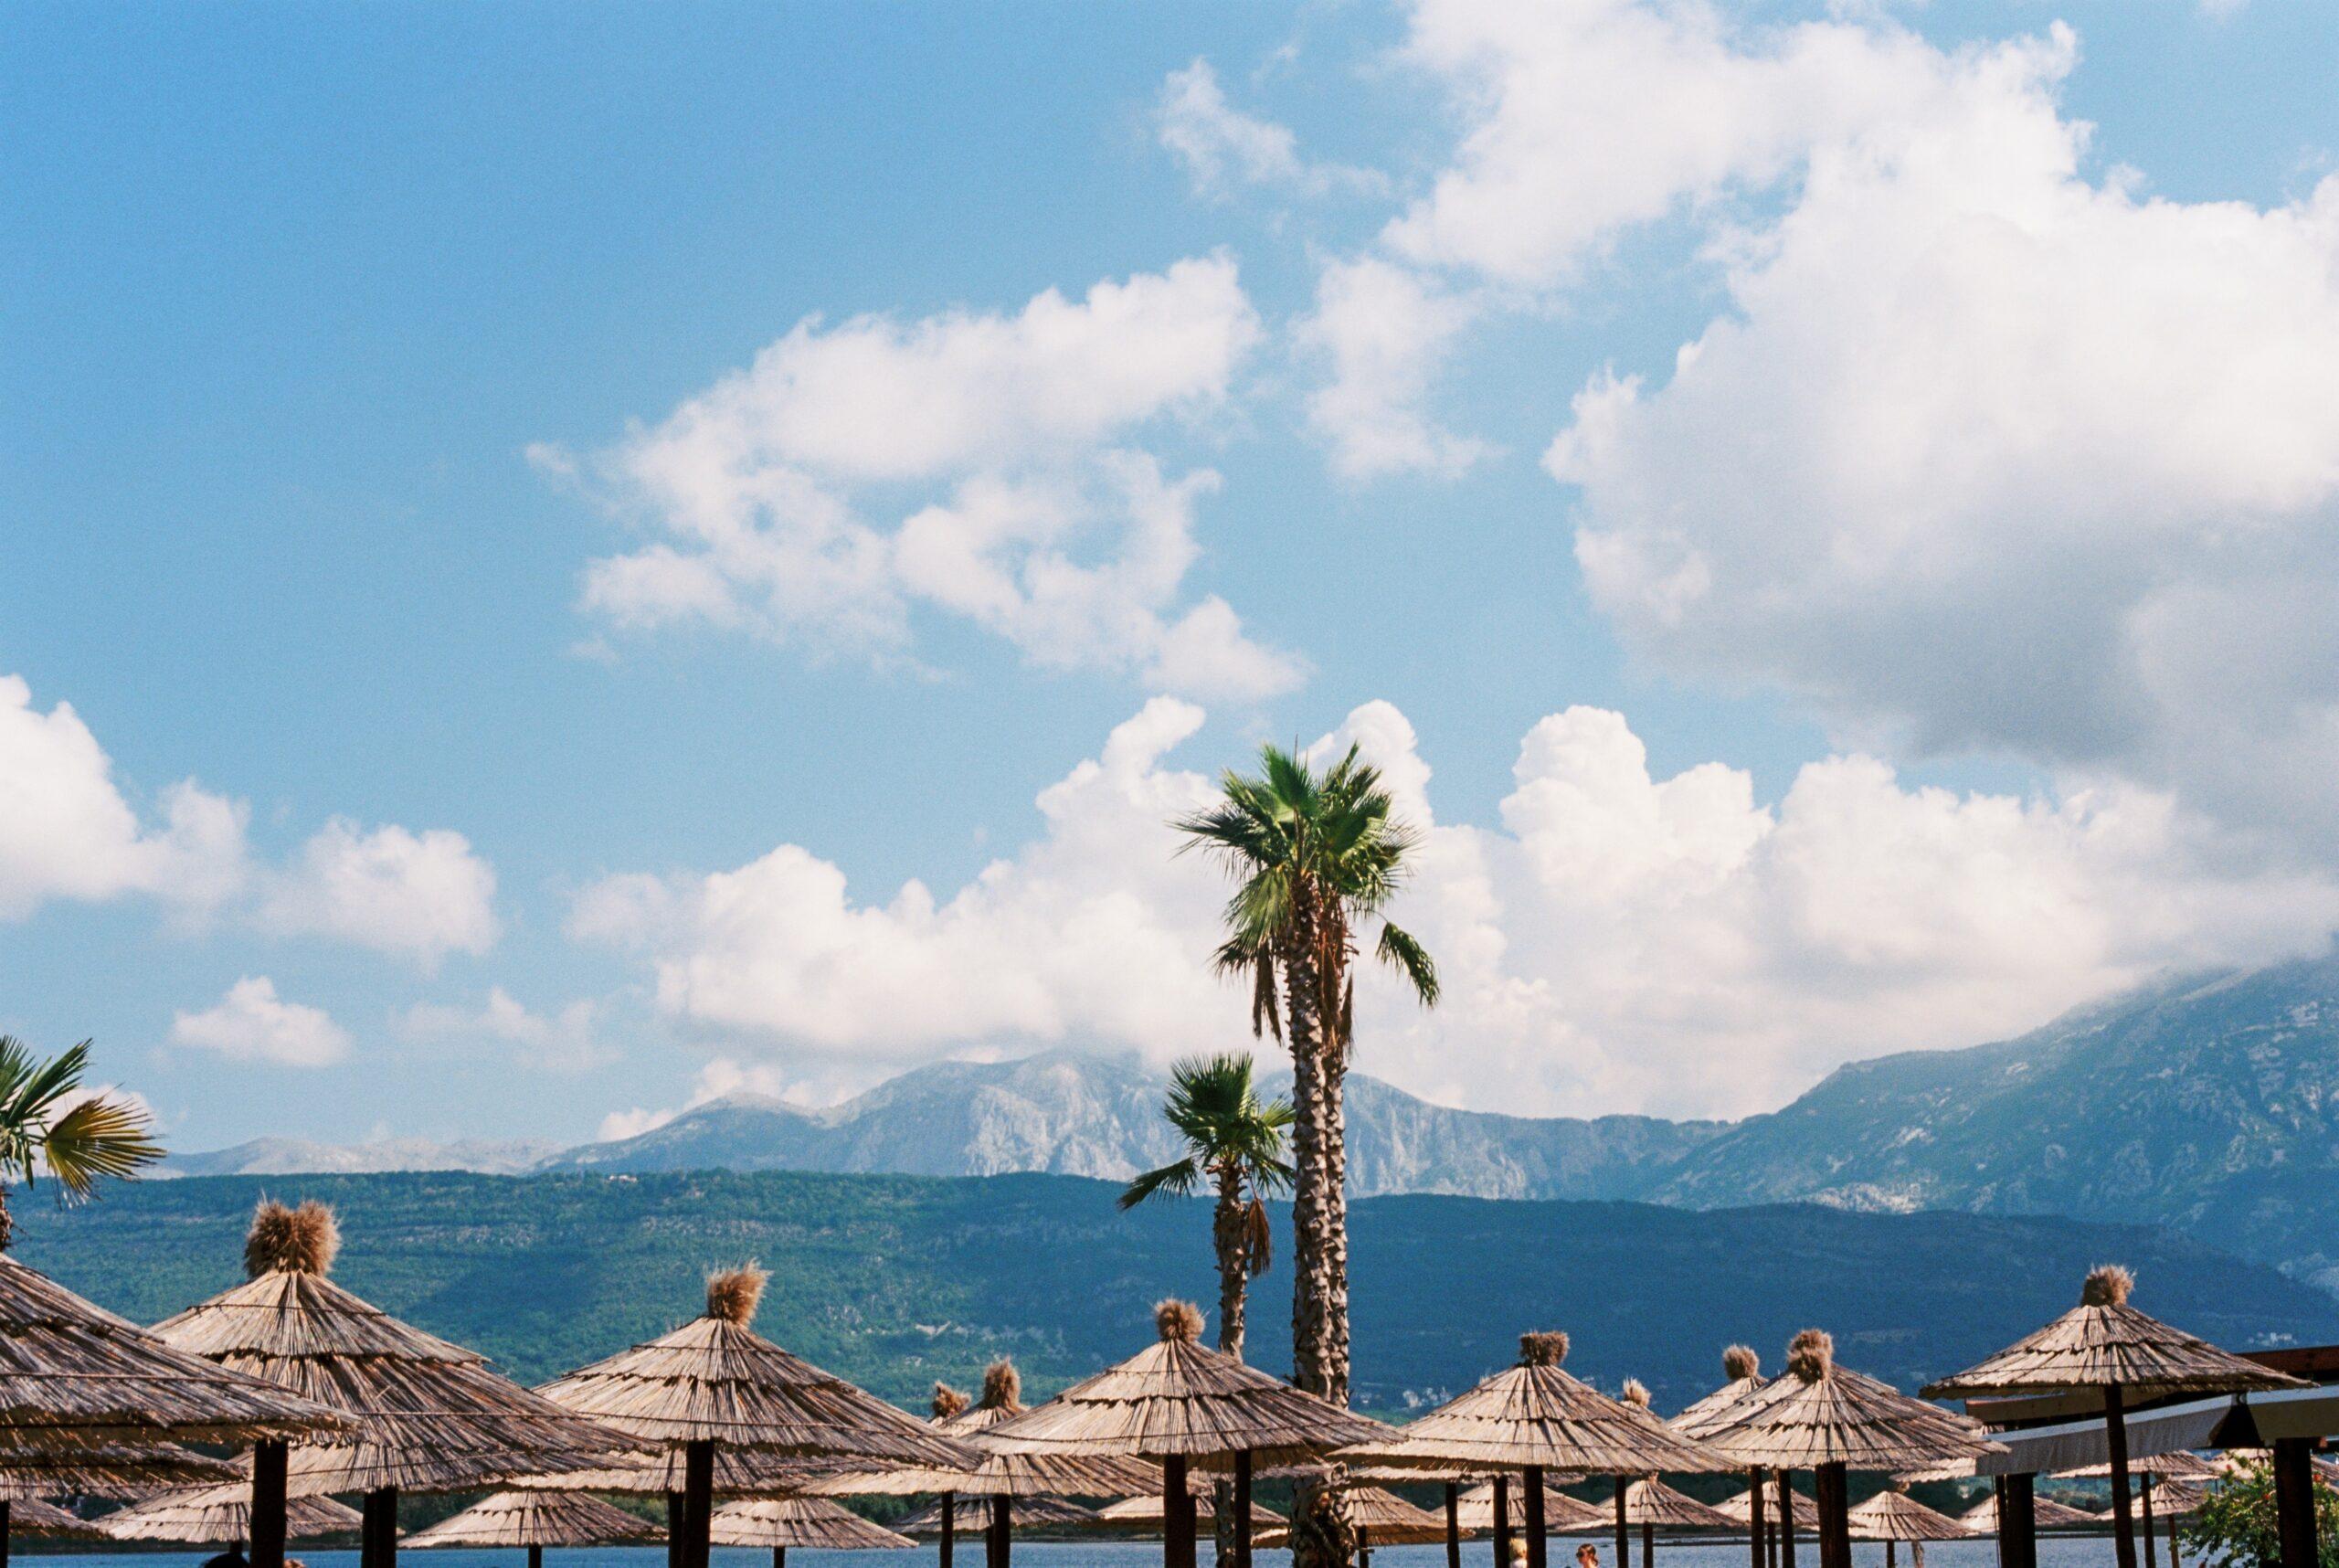 02.08-30.08   Kuumad pakkumised Montenegrosse!